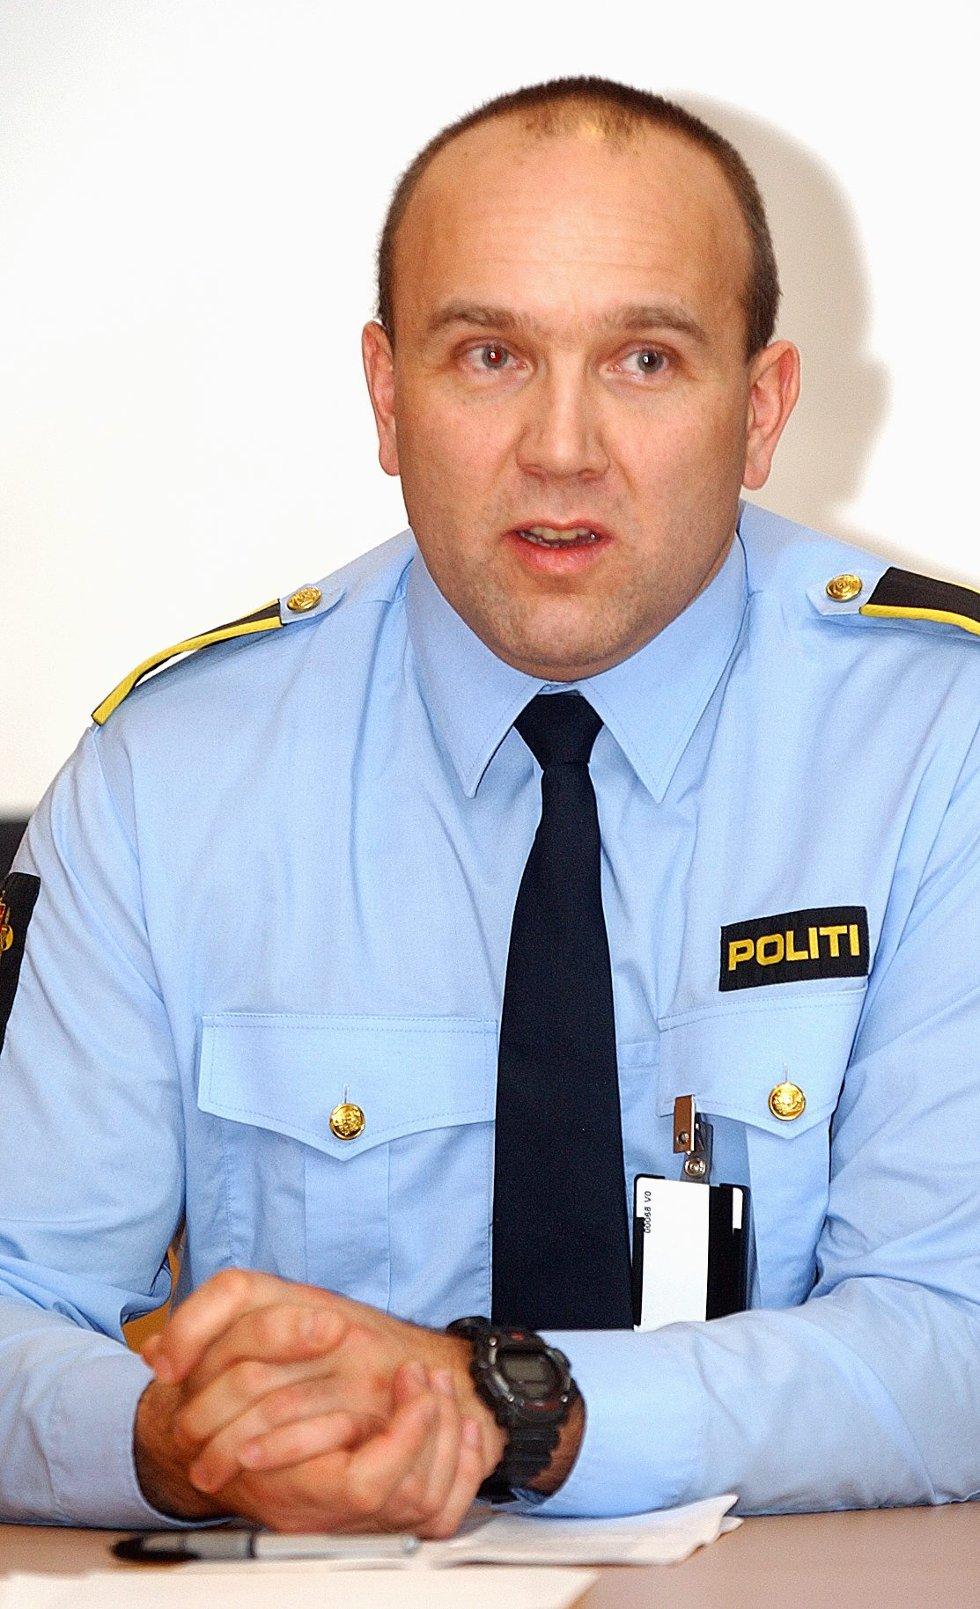 Politiførstebetjent Hans Kristian Ek forteller at det har blitt gjennomført avhør i forbindelse med forsøplingen på Opsund.